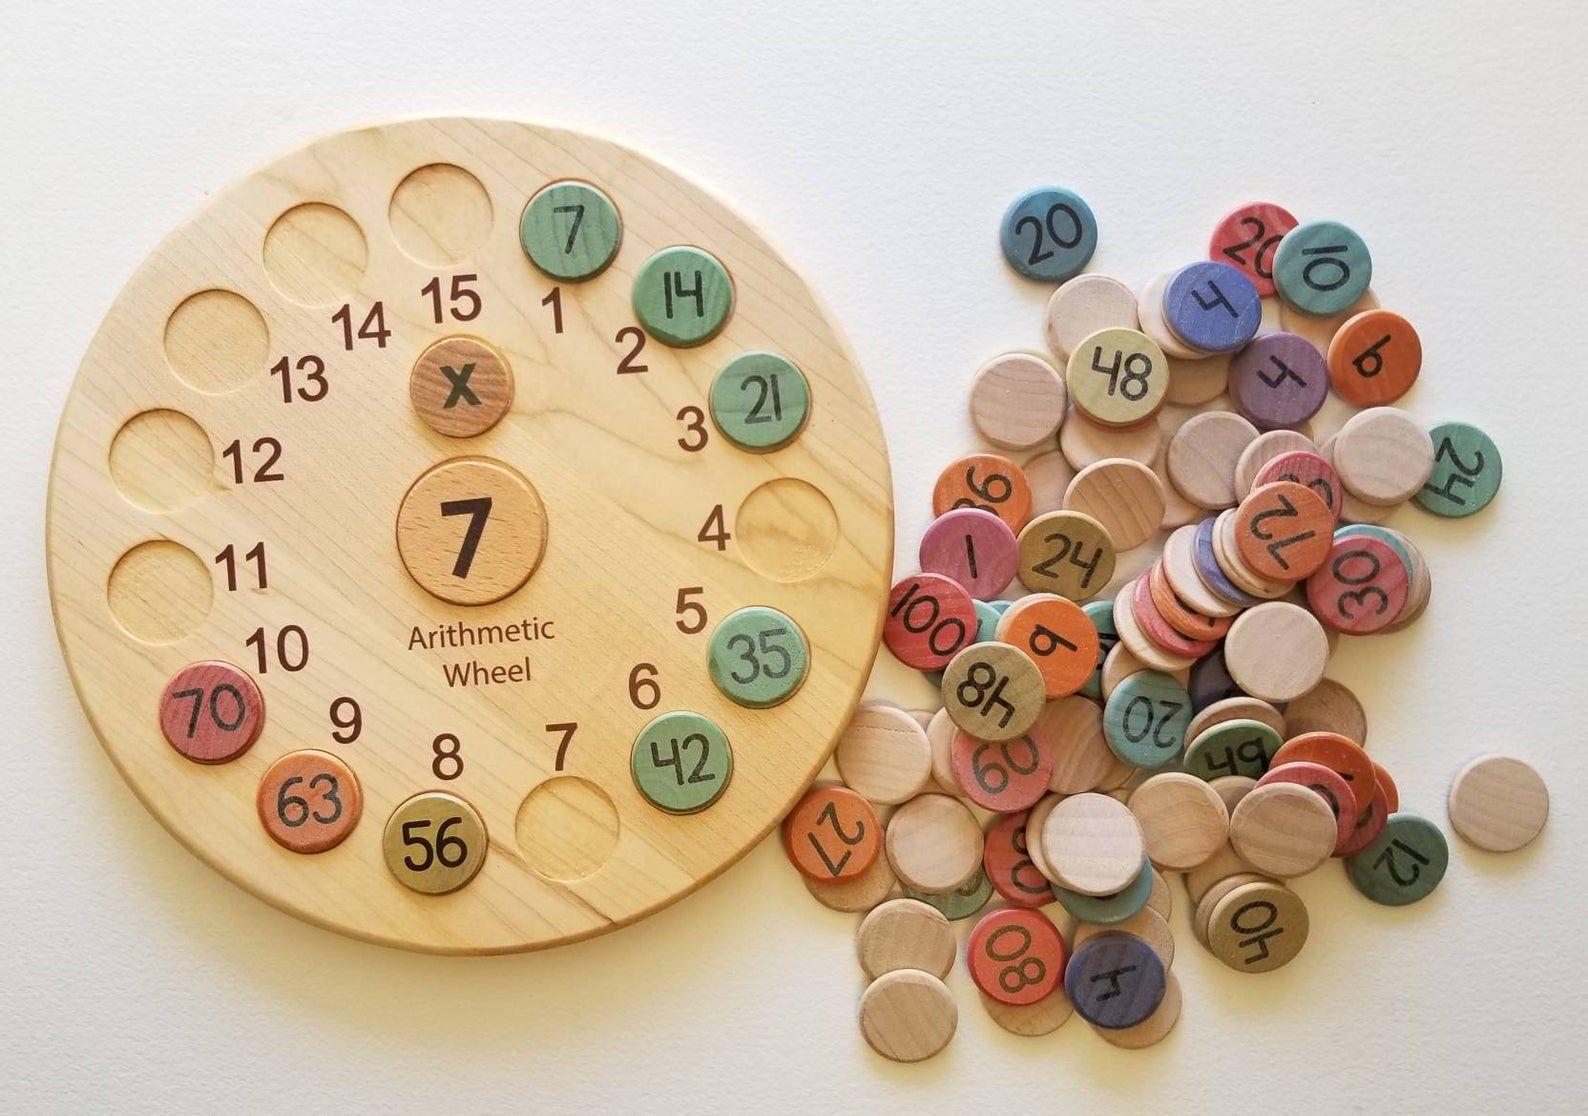 Multiplication Wheel 15x15 Multiplication Board